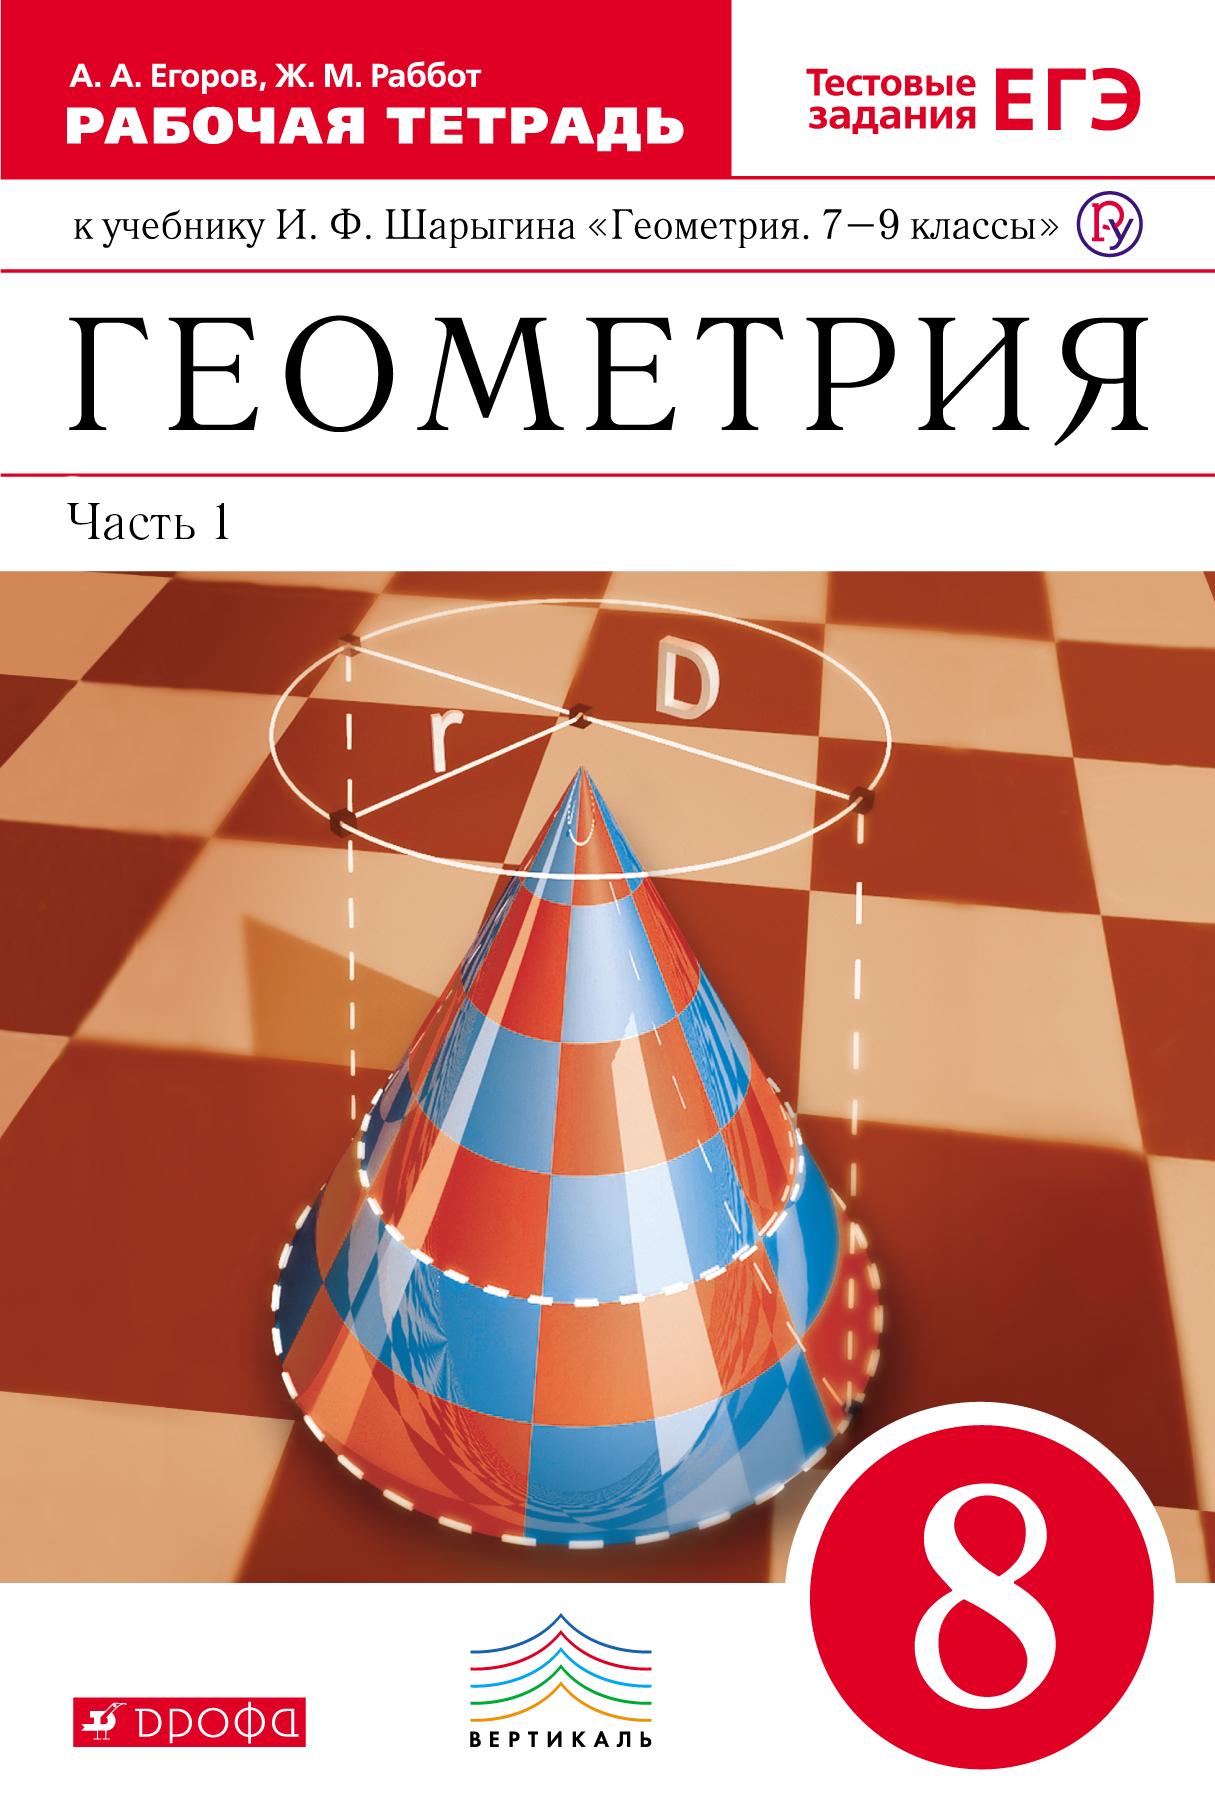 Геометрия. 8 класс. Рабочая тетрадь. Часть 1 ( Егоров А.А., Раббот Ж.М., Шарыгин И.Ф.  )